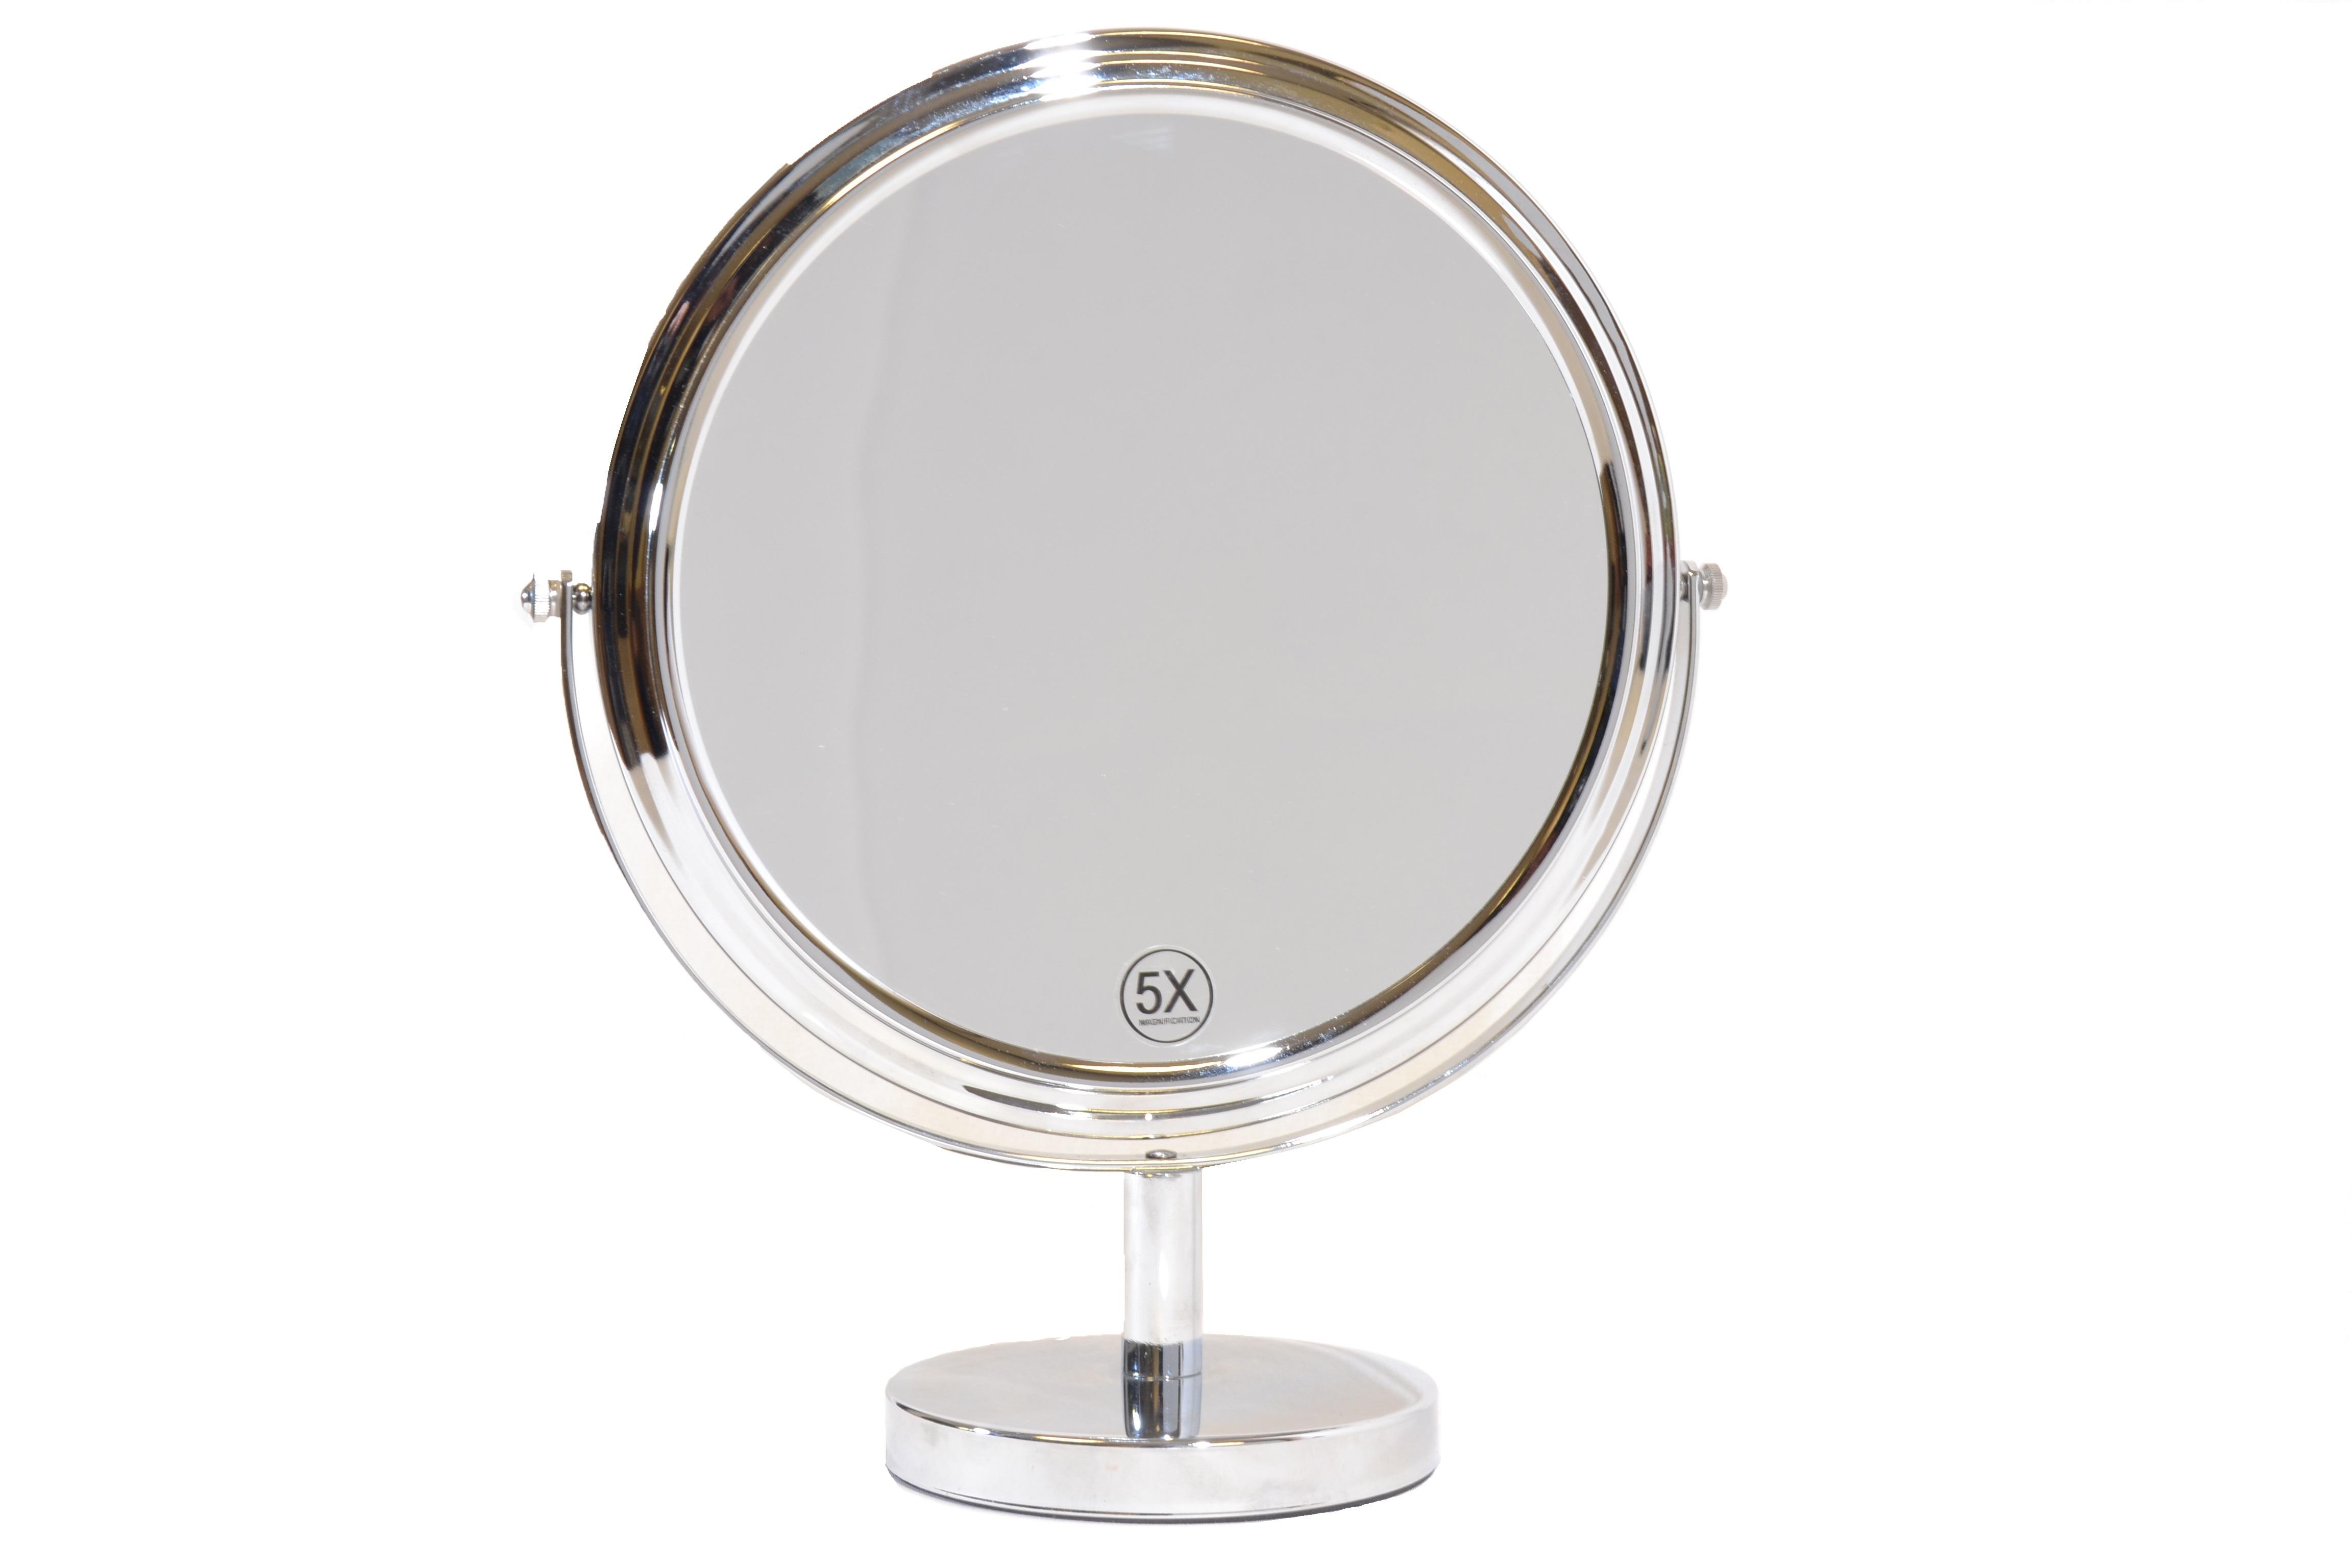 Vergrotende Spiegel Badkamer : Zilveren spiegel Ø27cm 5x vergroting eurocompact van den brink b.v.